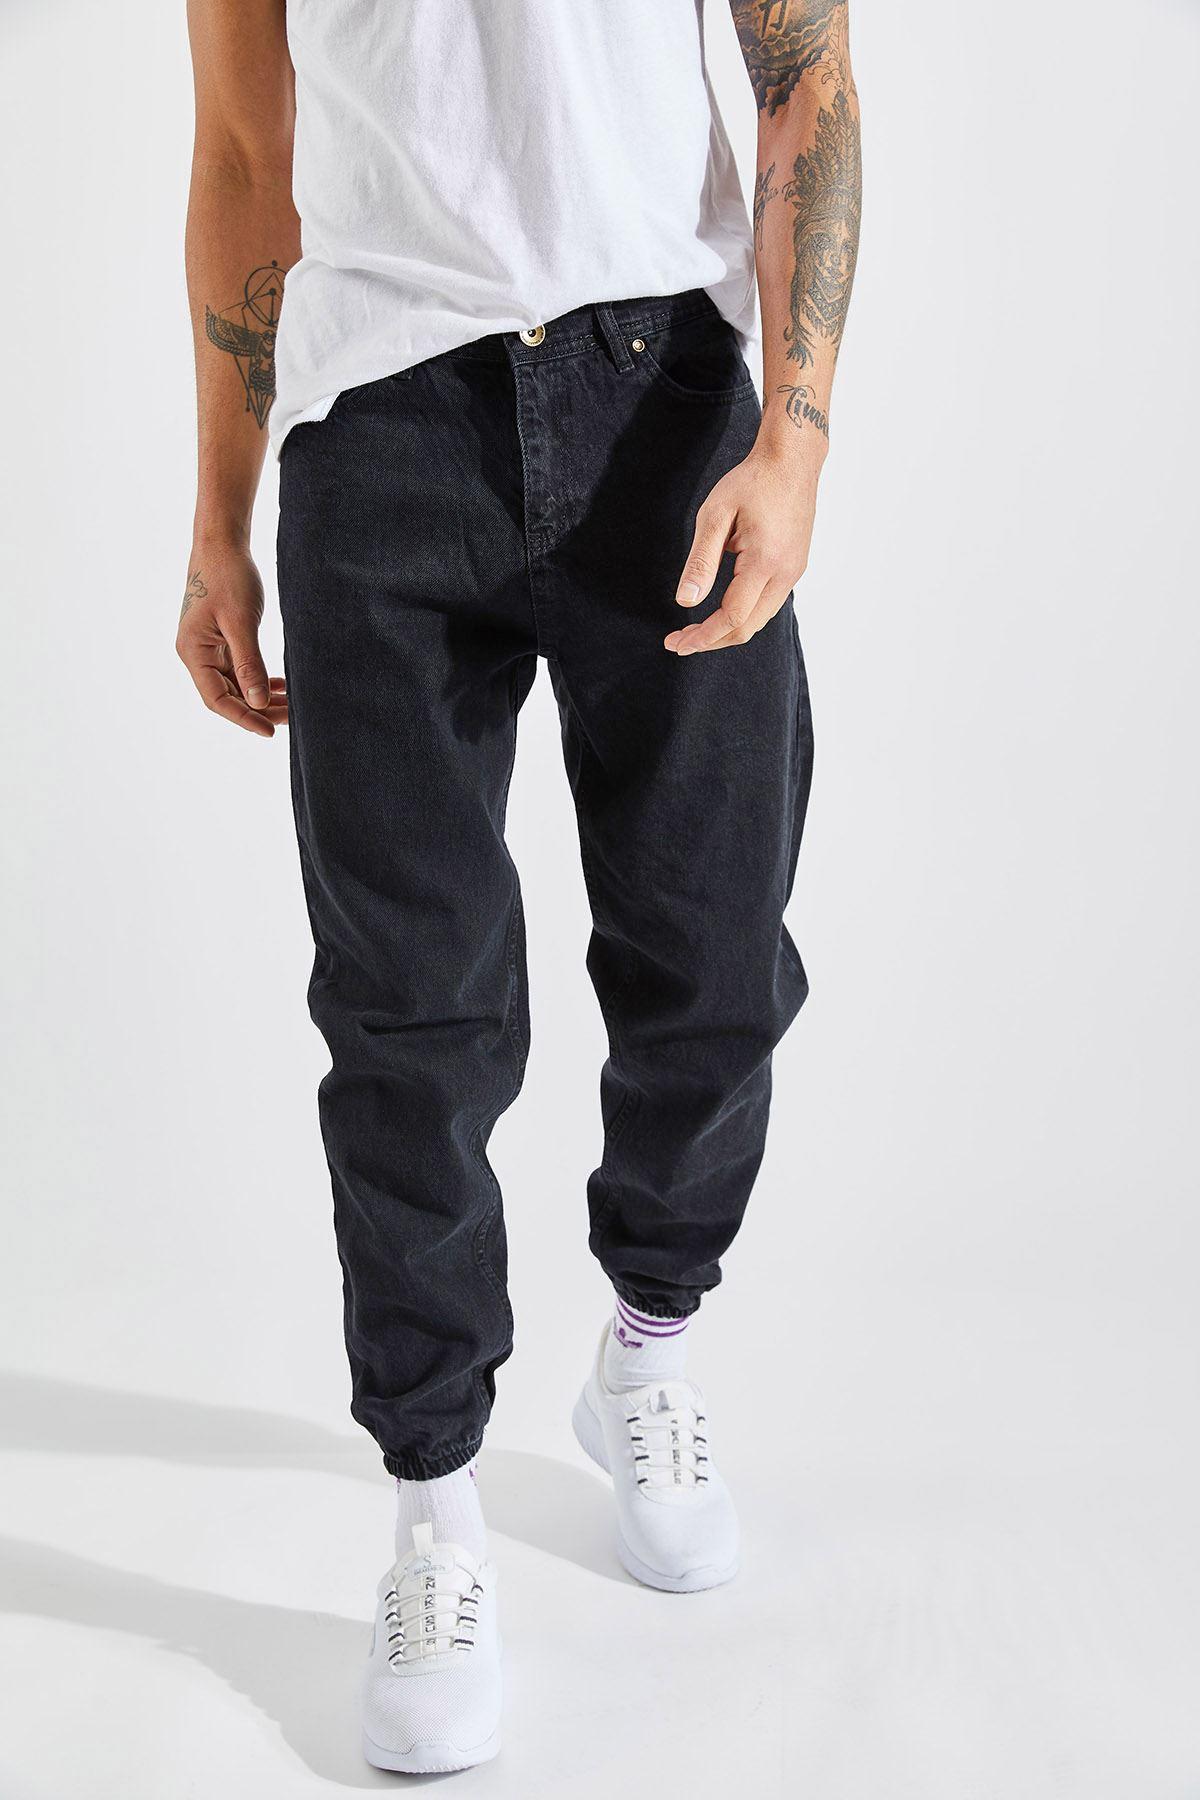 Erkek Boyfriend Paça Lastikli Siyah Kot Pantolon